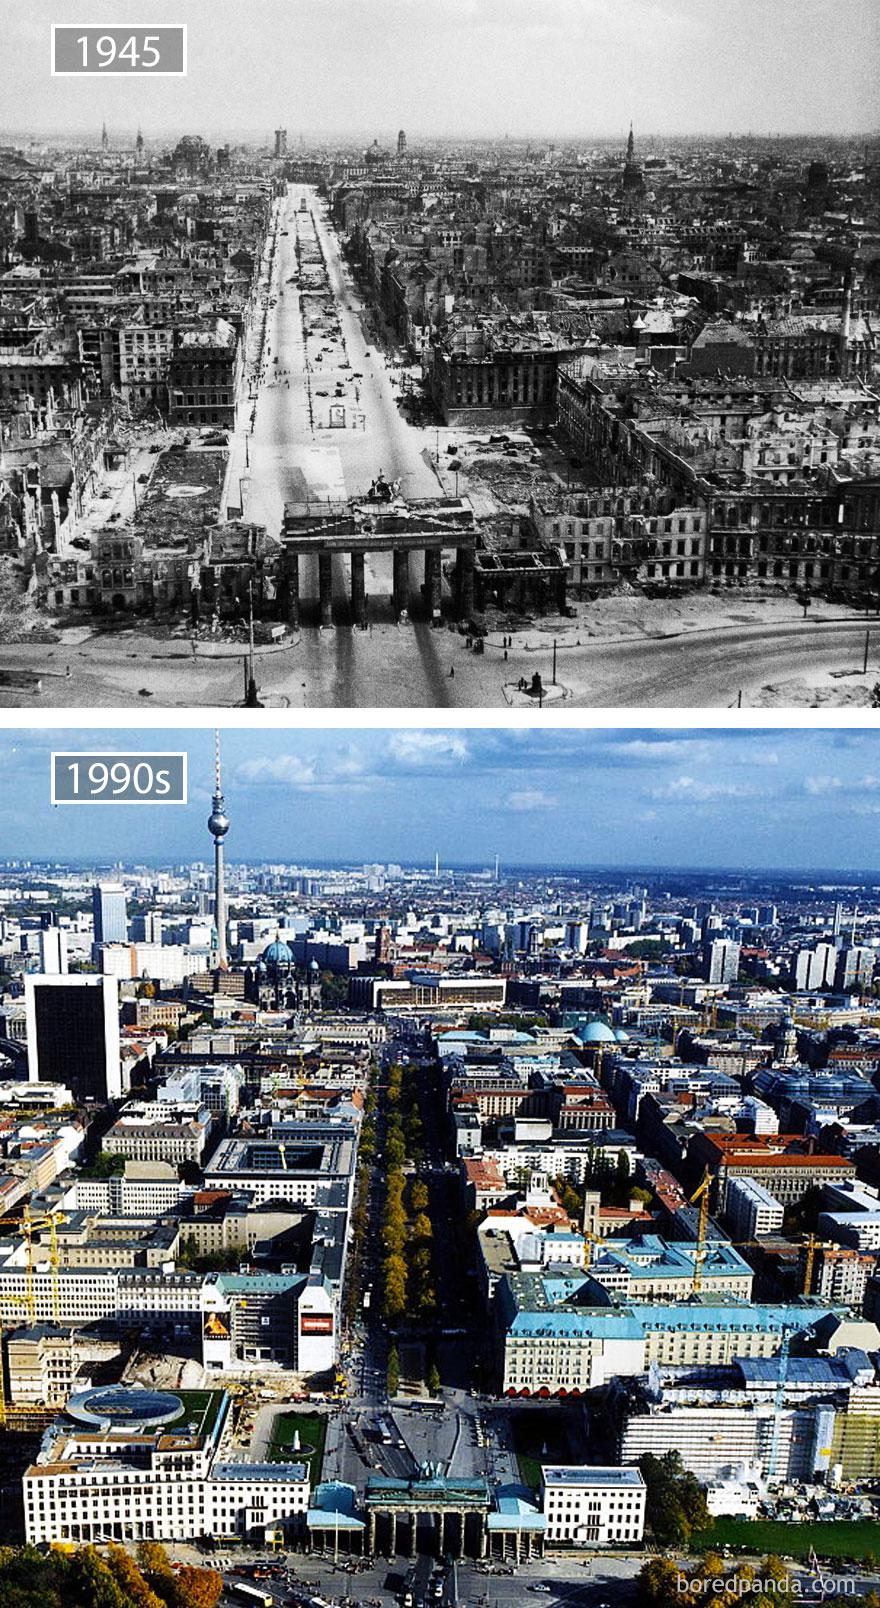 citta-famose-cambiamenti-nel-tempo-foto-prima-dopo-14